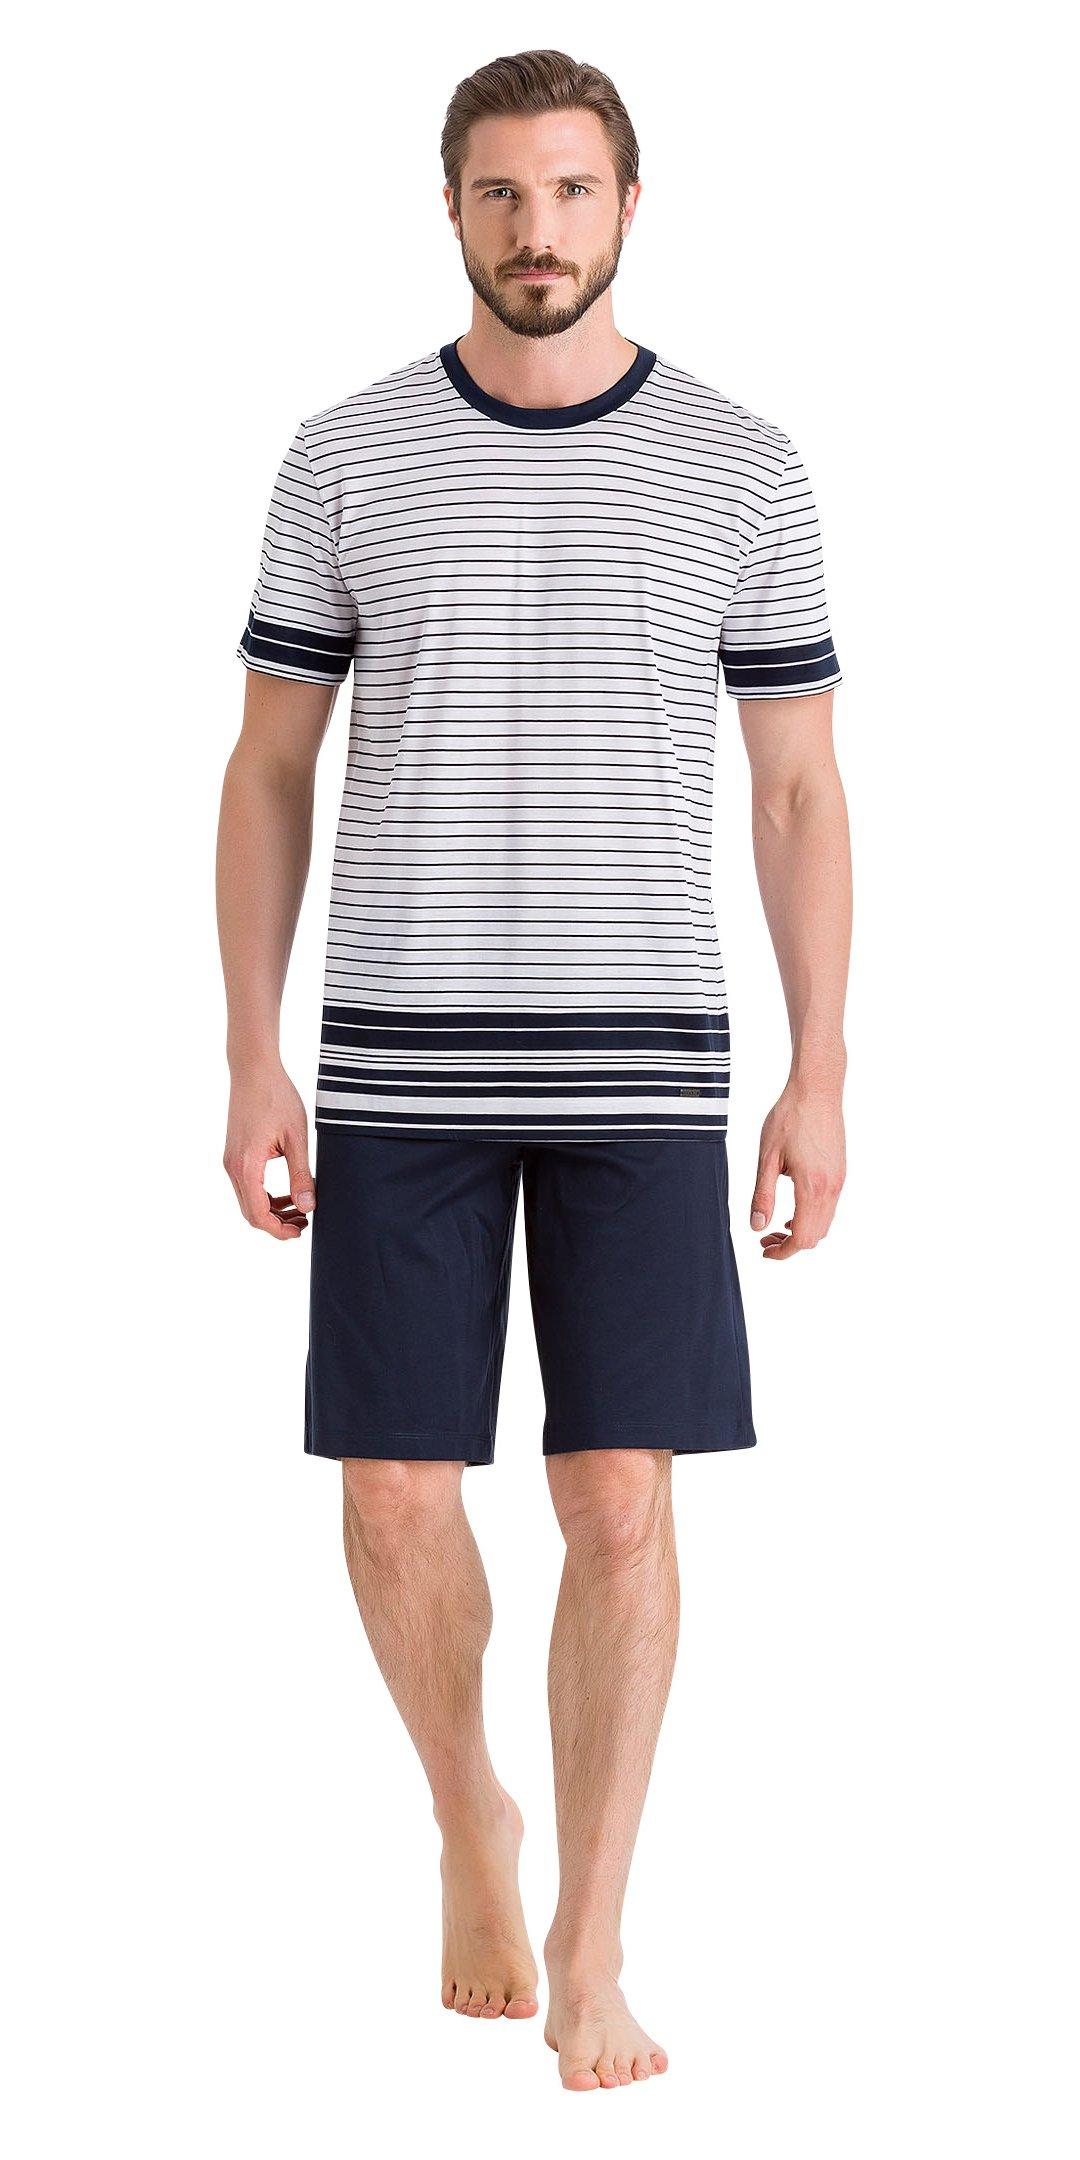 HANRO Men's Oliver Short Sleeve Pajama Set, Marine Stripe/Marine, XX-Large